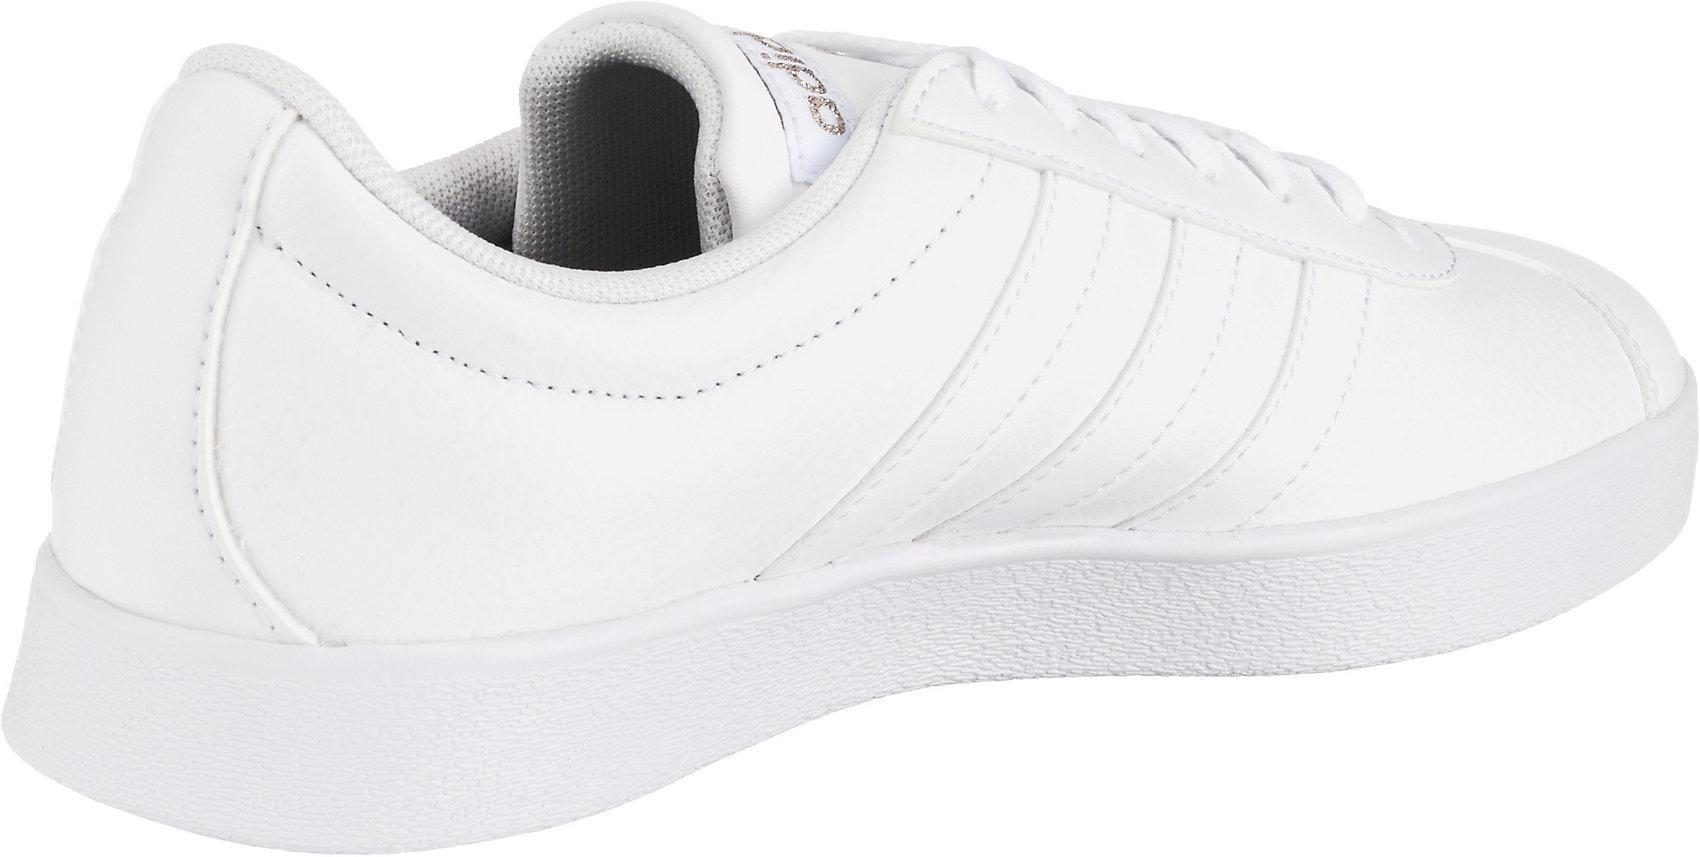 Neu adidas Sport Inspired Vl Court 2.0 Sneakers Low 10414170 für Damen